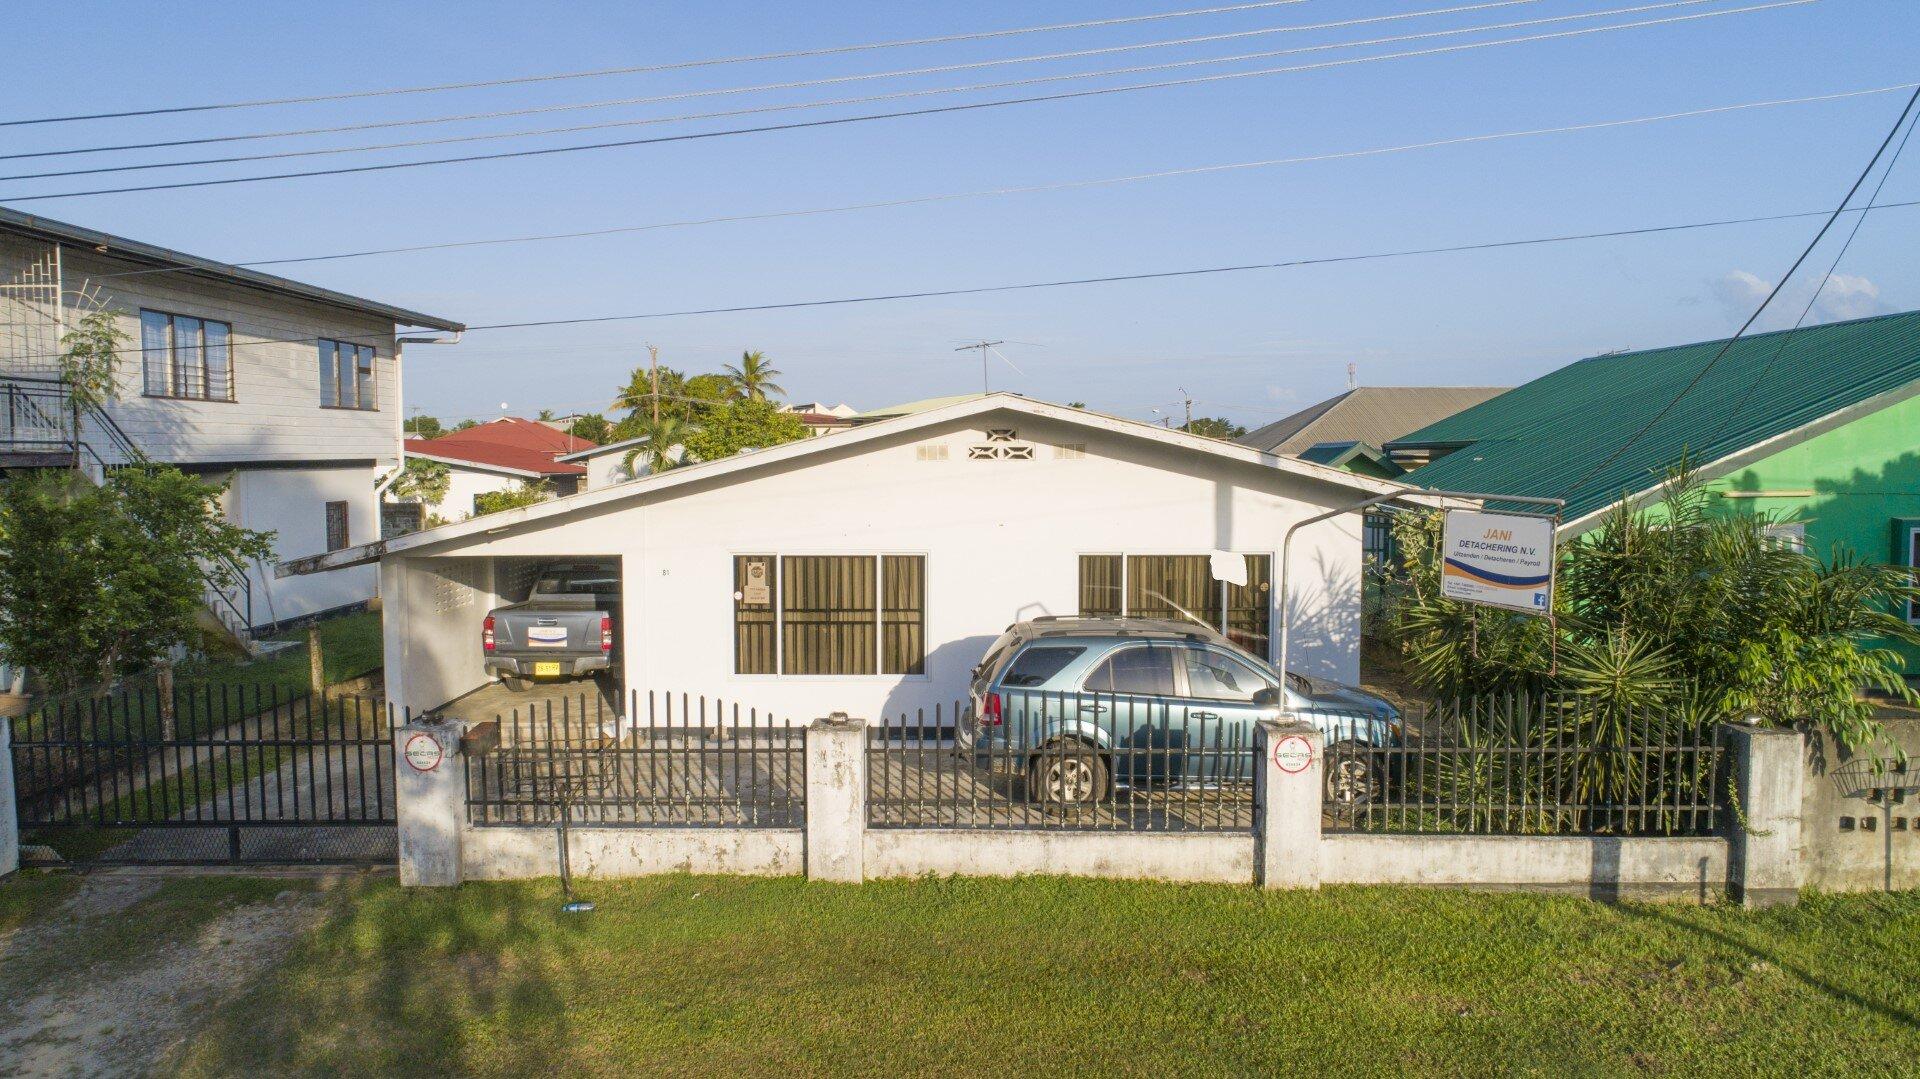 Ronaldlaan 81 - Woon-/ bedrijfspand te Uitlvugt - Surgoed Makelaardij NV - Paramaribo, Suriname